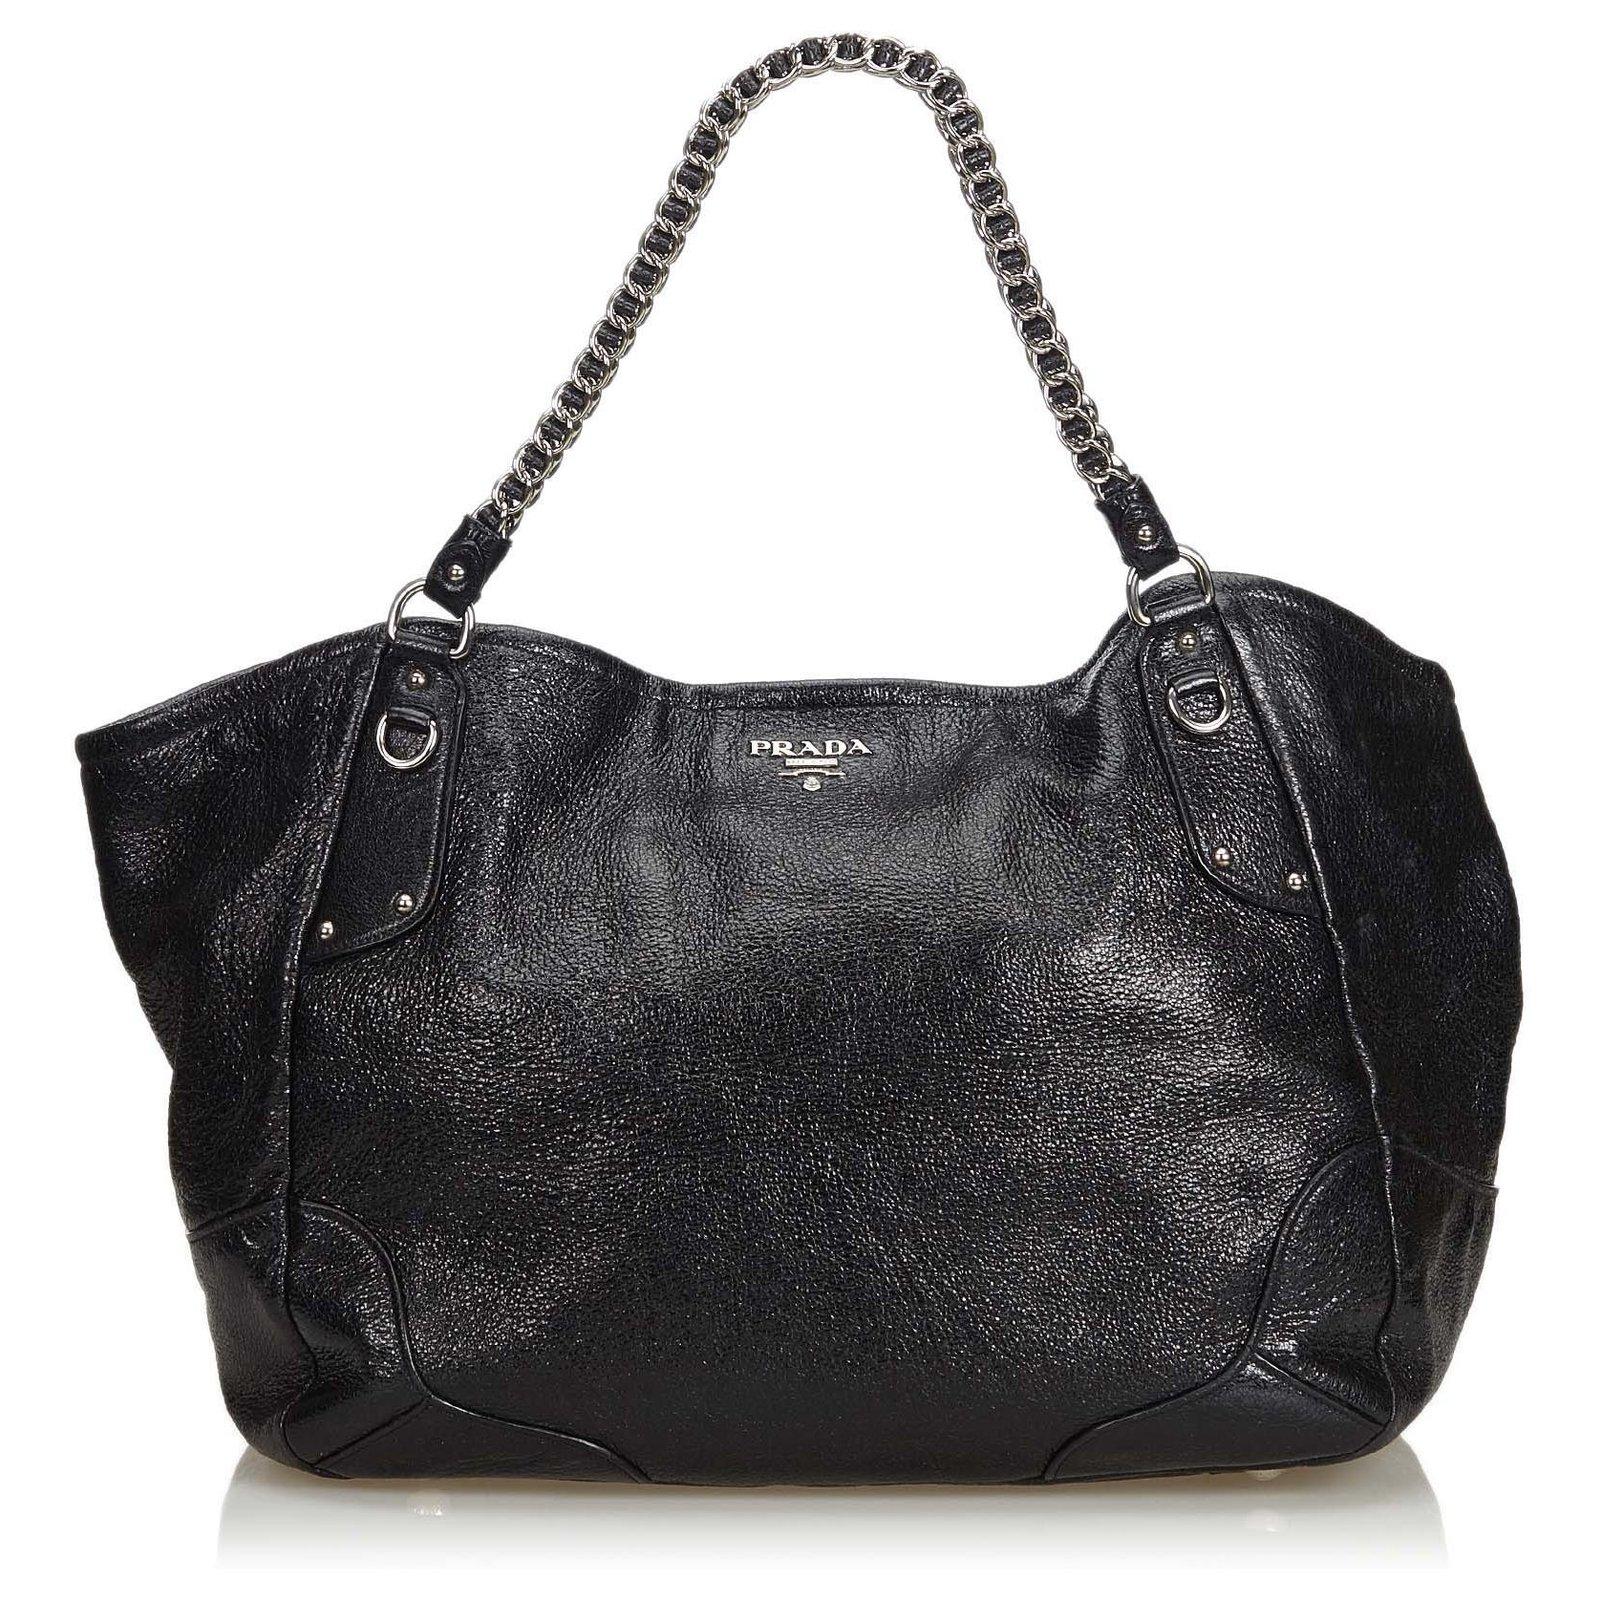 c6e70377e5f Leather Chain Tote Bag